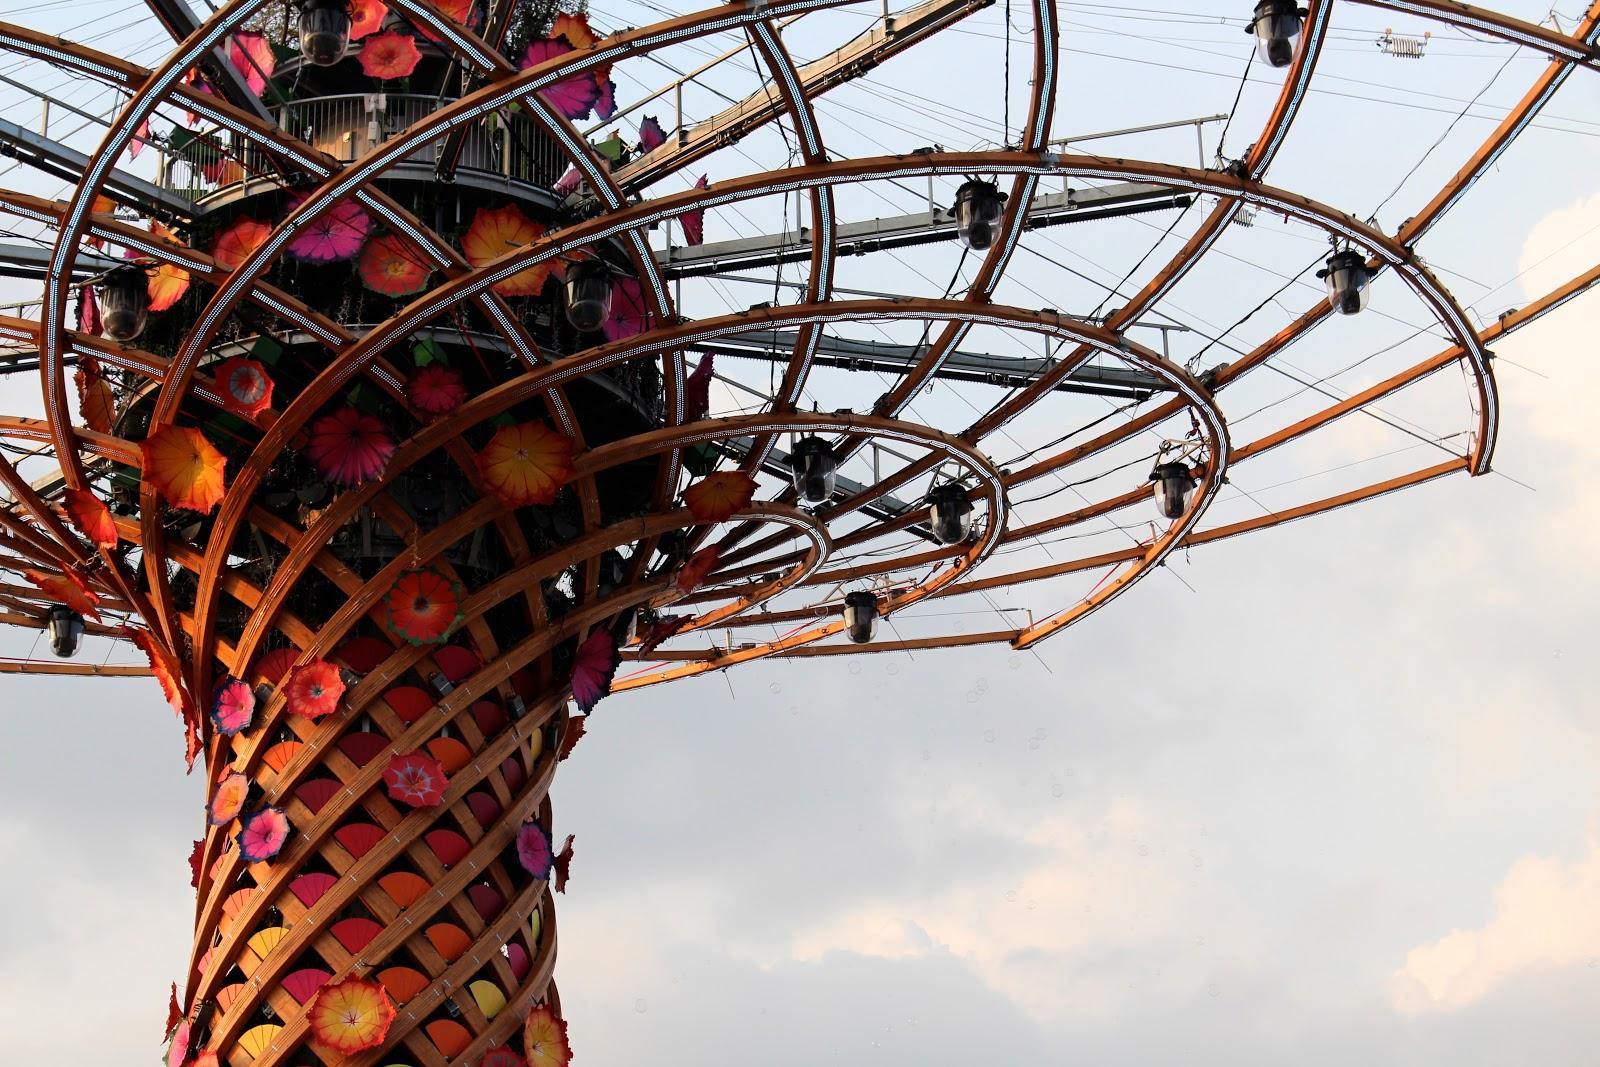 Expo Milano 2015 Life Tree